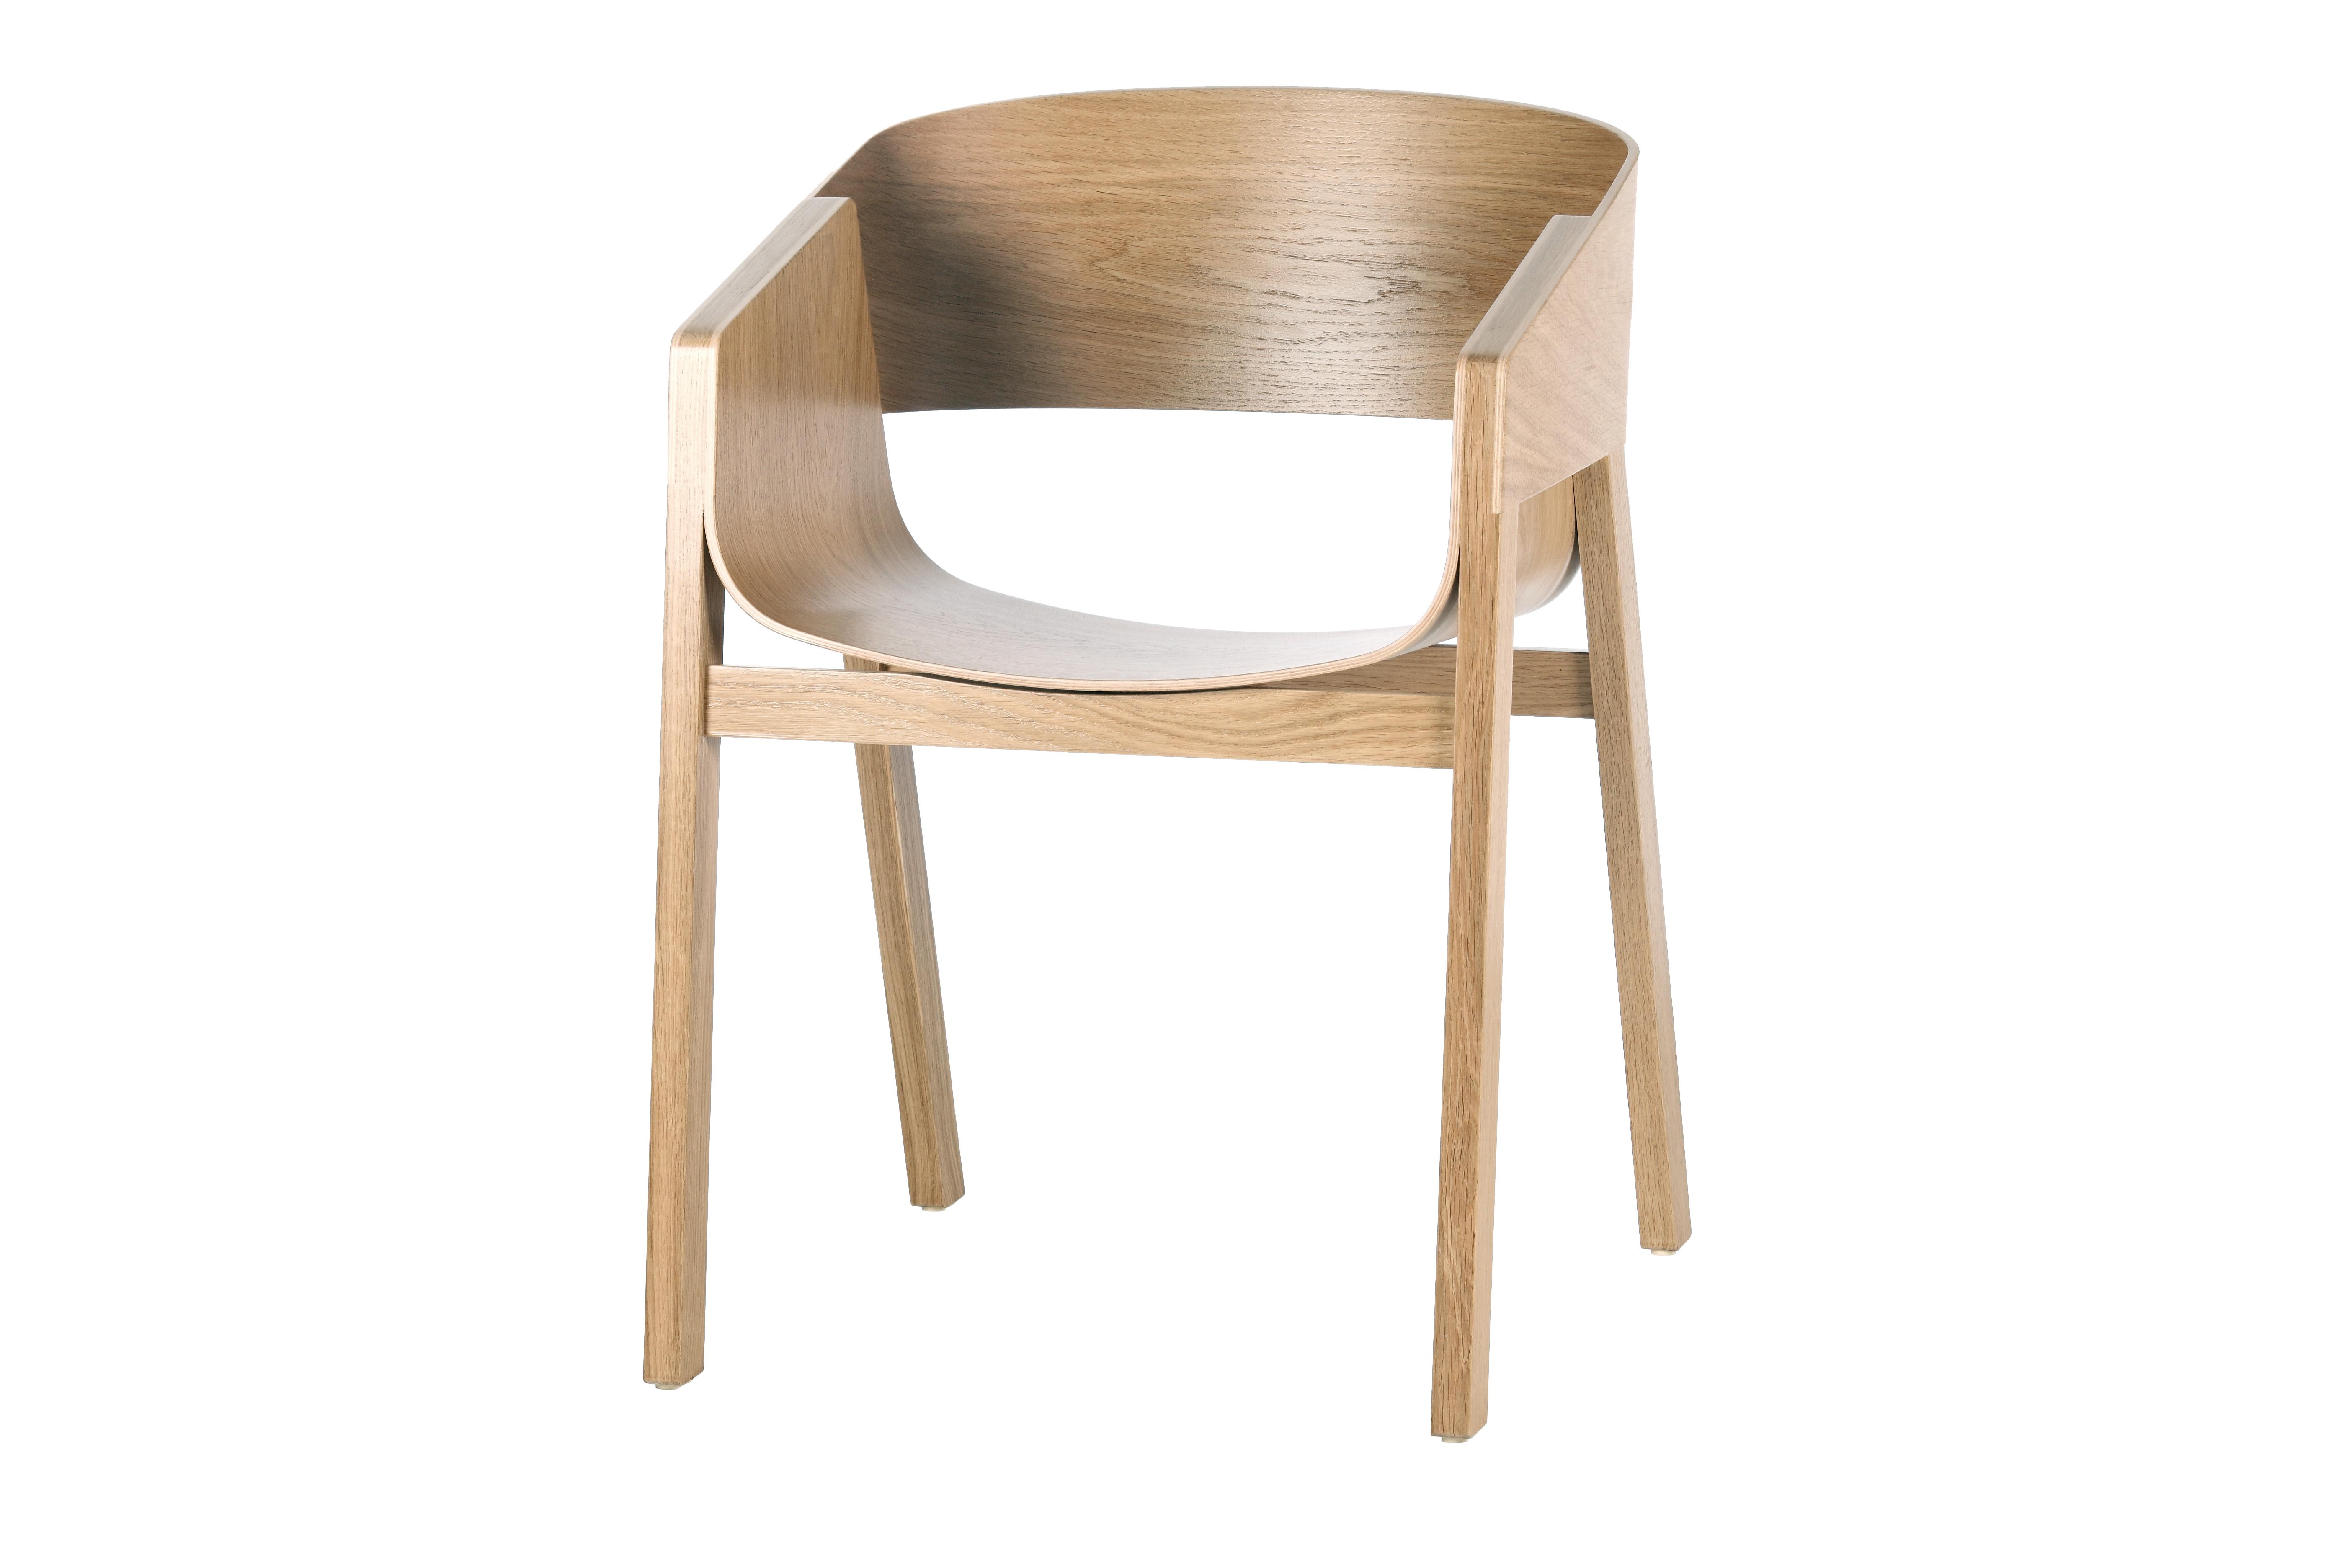 Scaun din lemn de stejar Merano Natural l475xA39xH78 cm